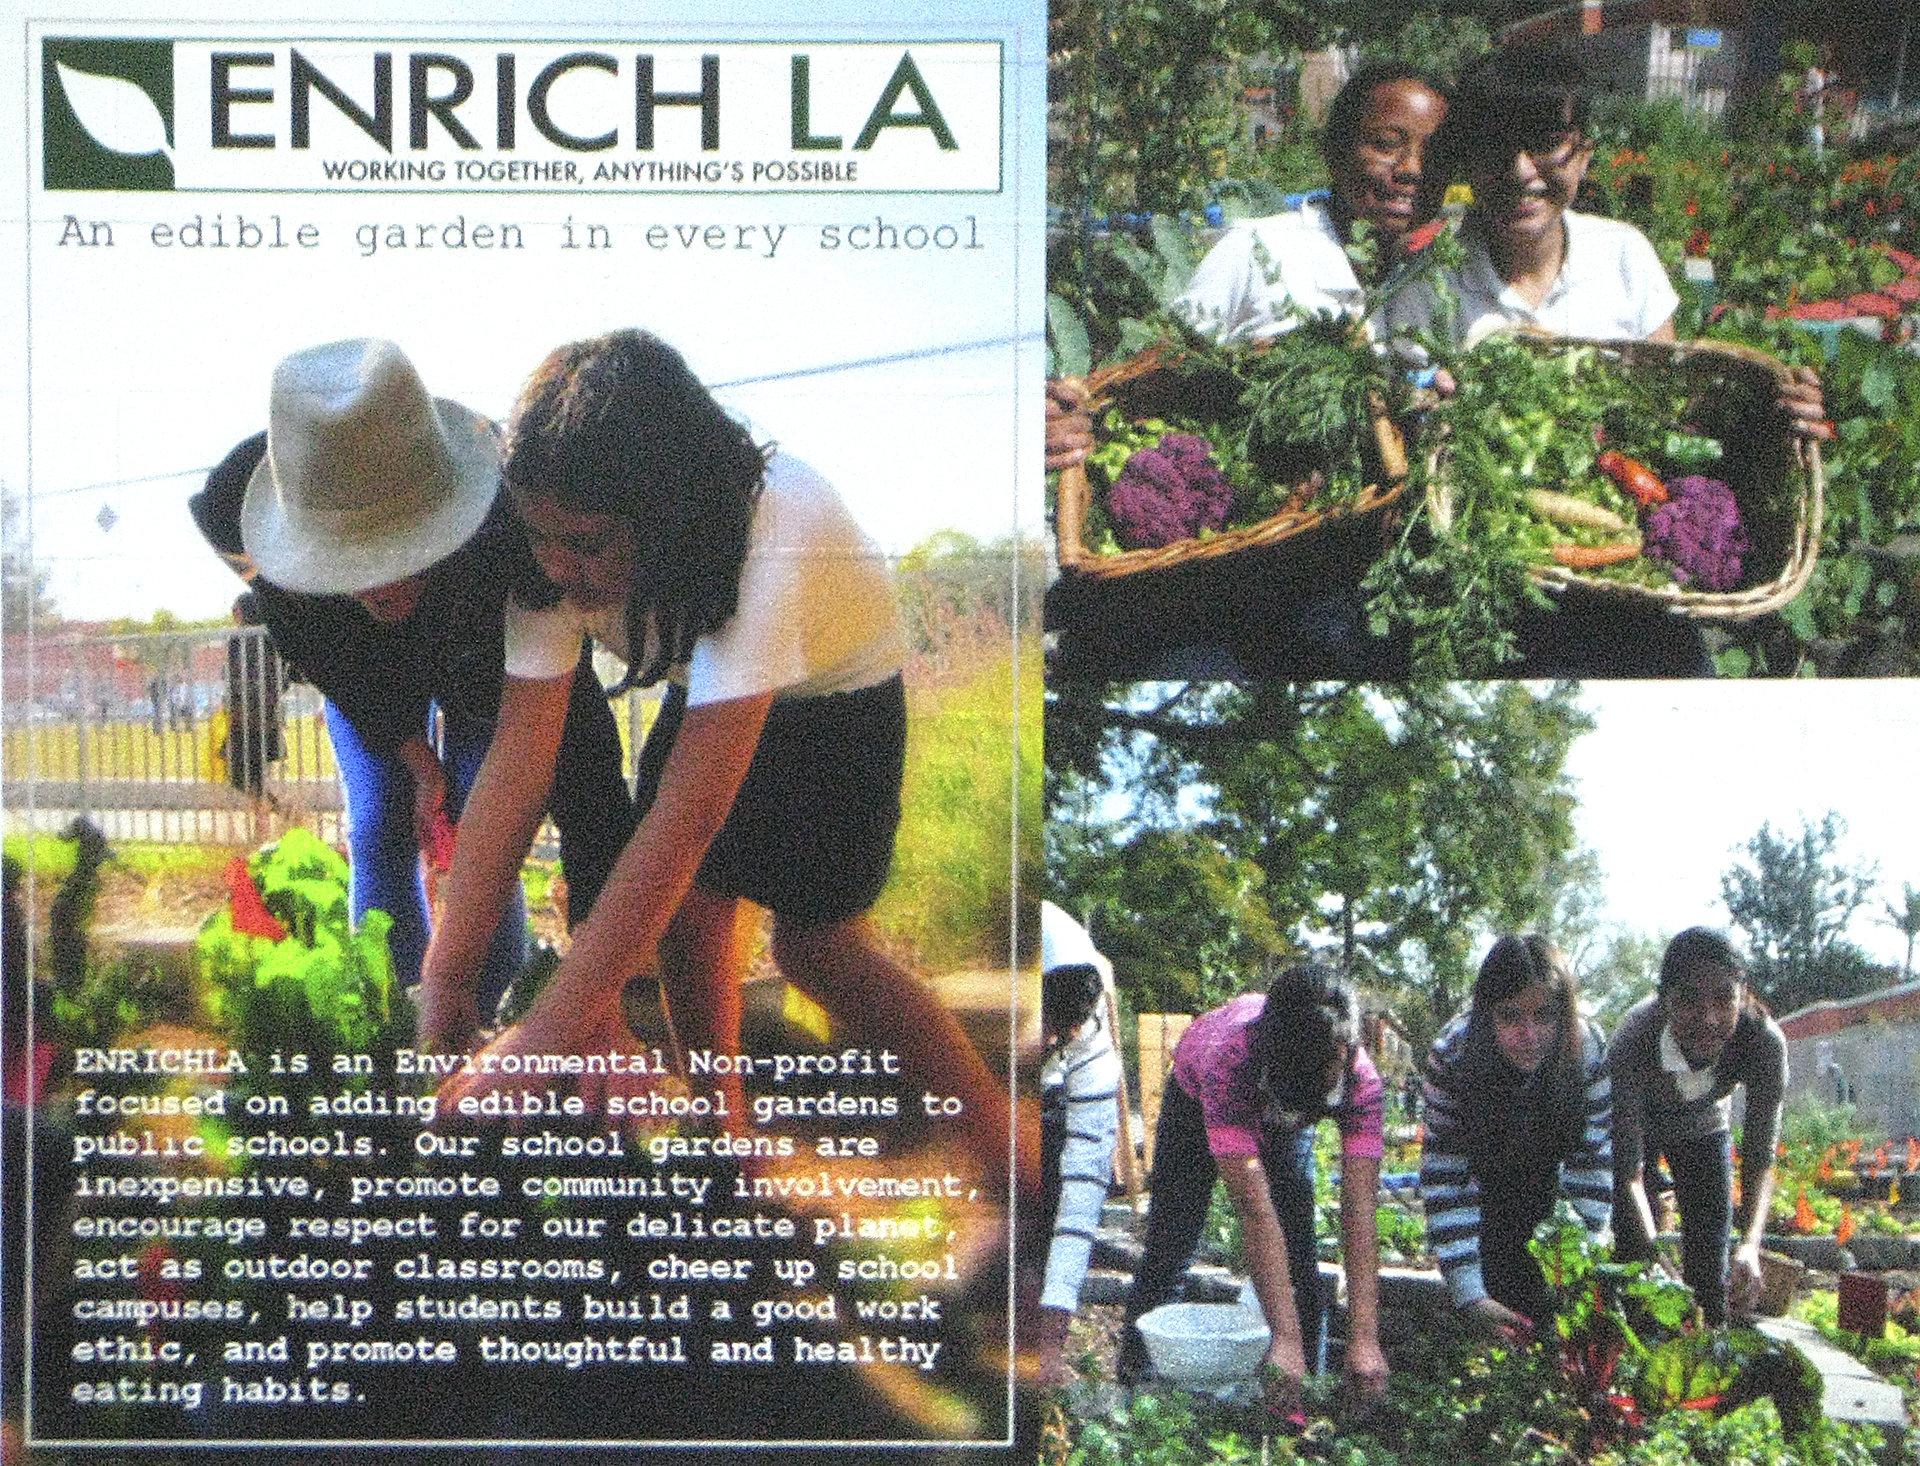 Enrich LA - Farm King